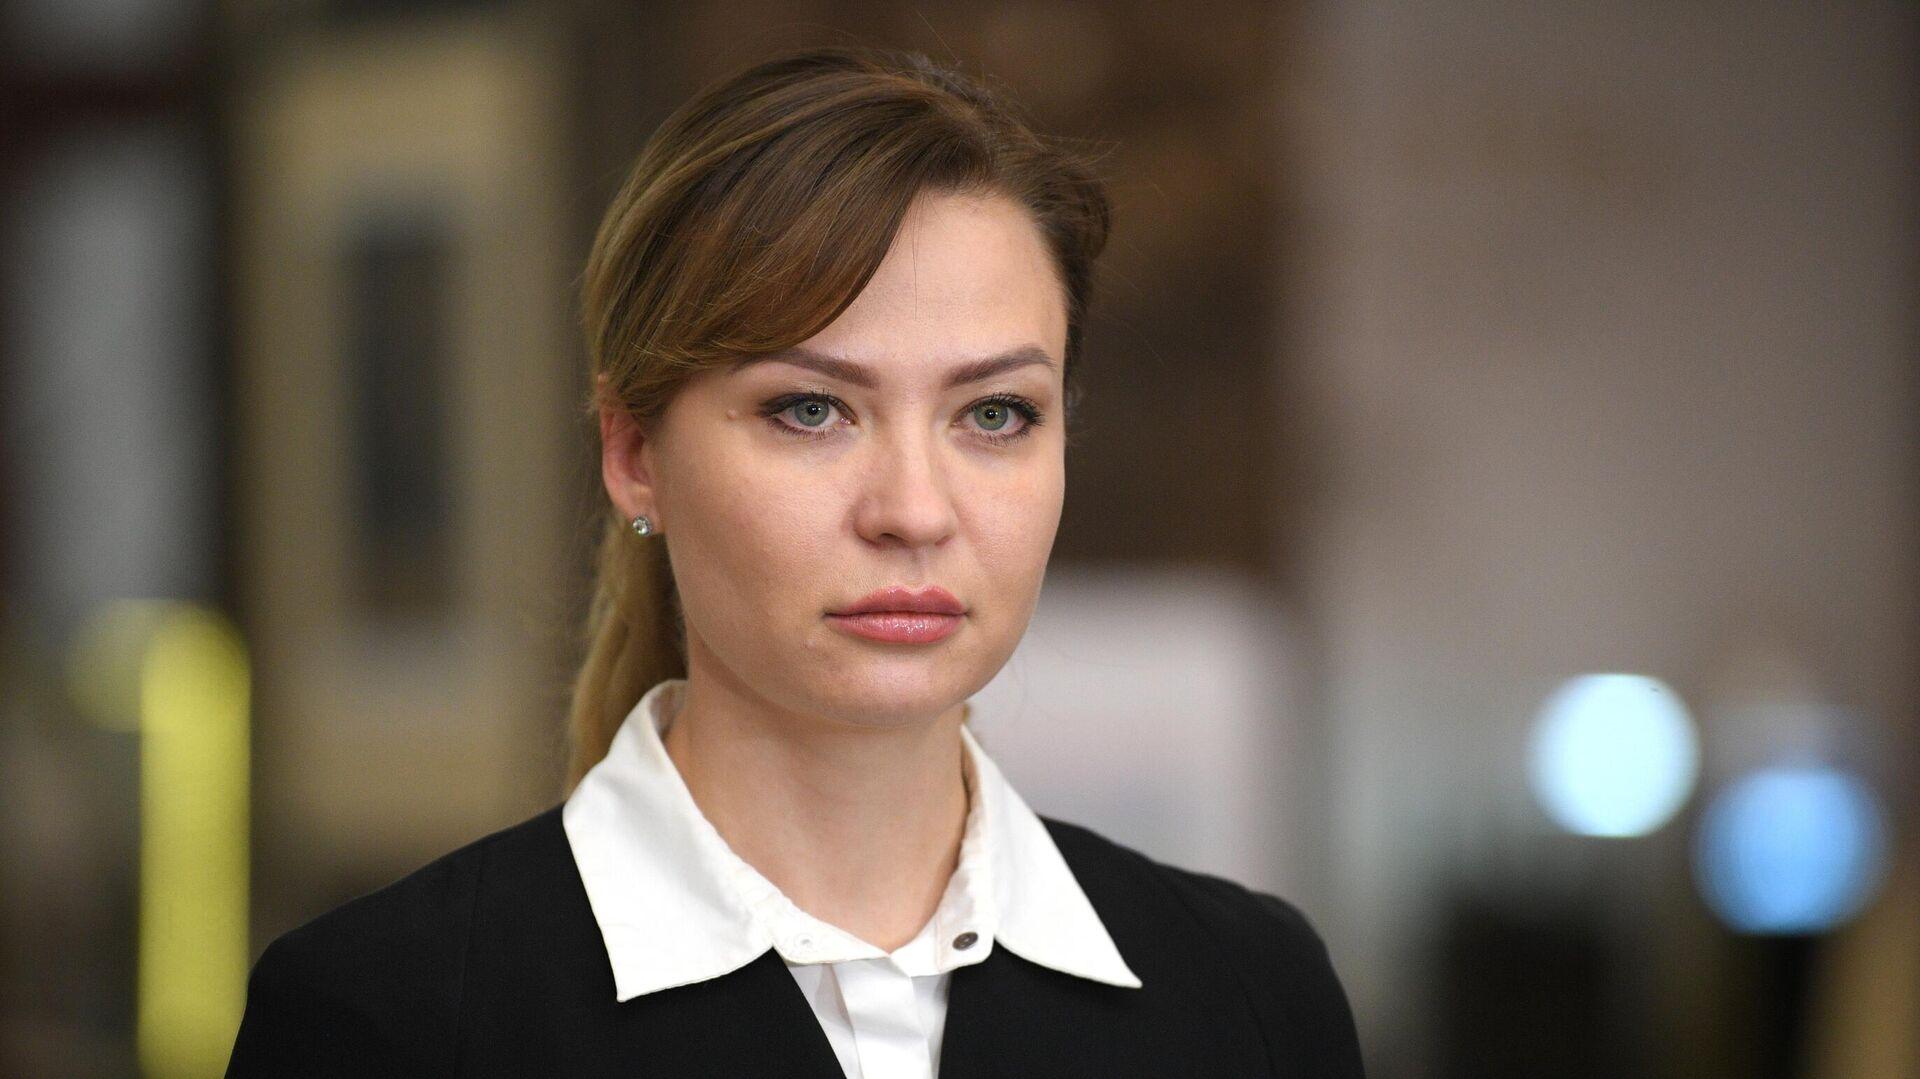 Глава МИД ДНР: Киев отказывается от верификации нарушений перемирия со стороны ВС Украины